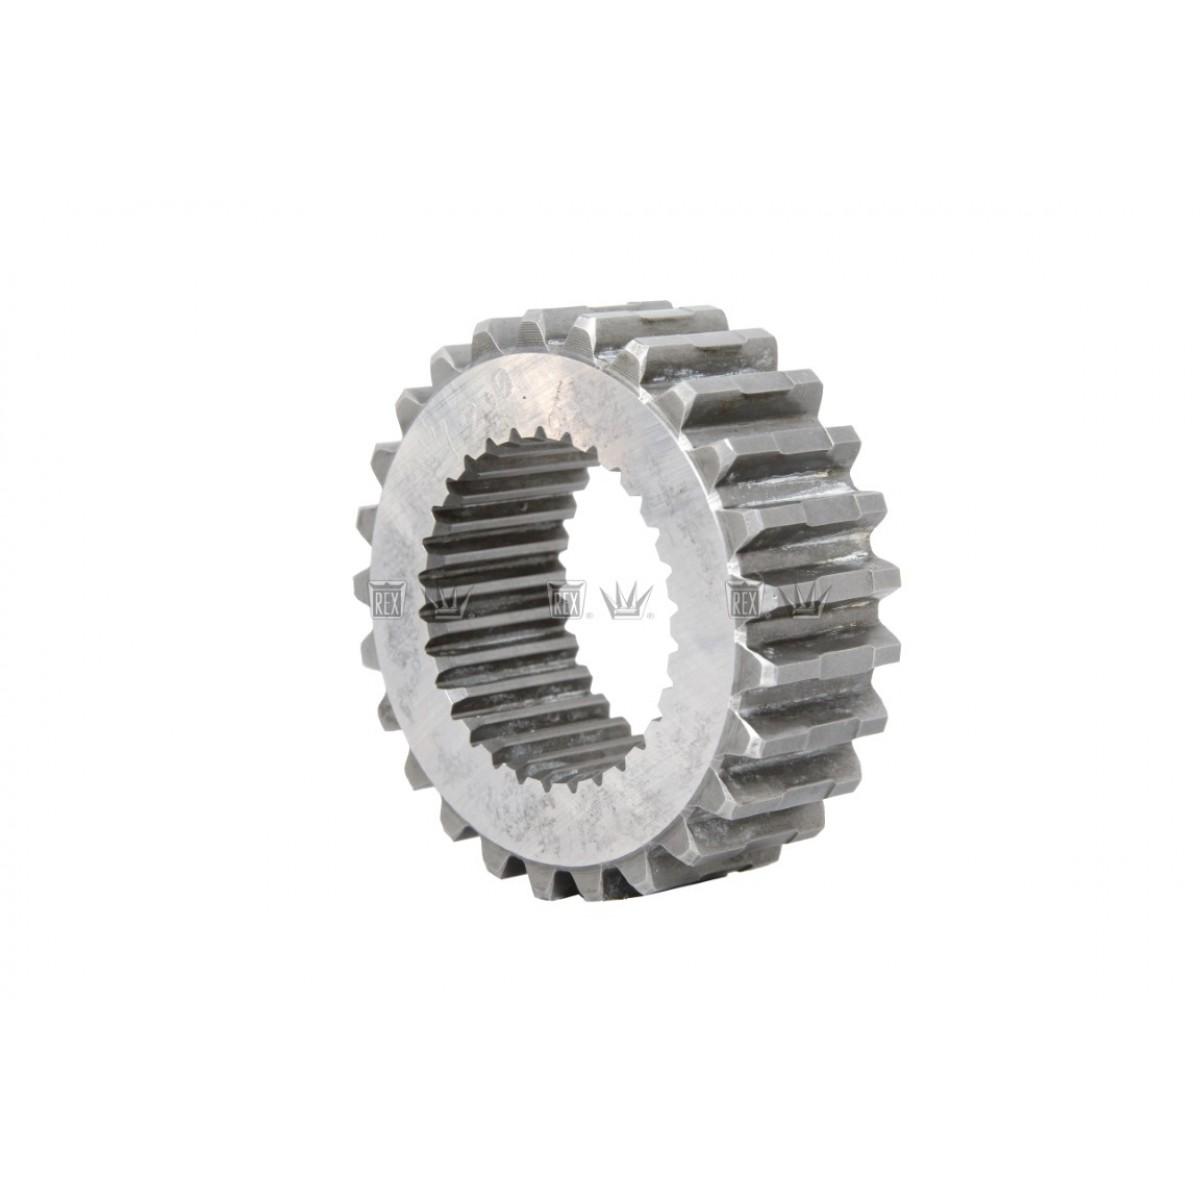 Cubo de engate caixa cambio Eaton FS4005/FS5005